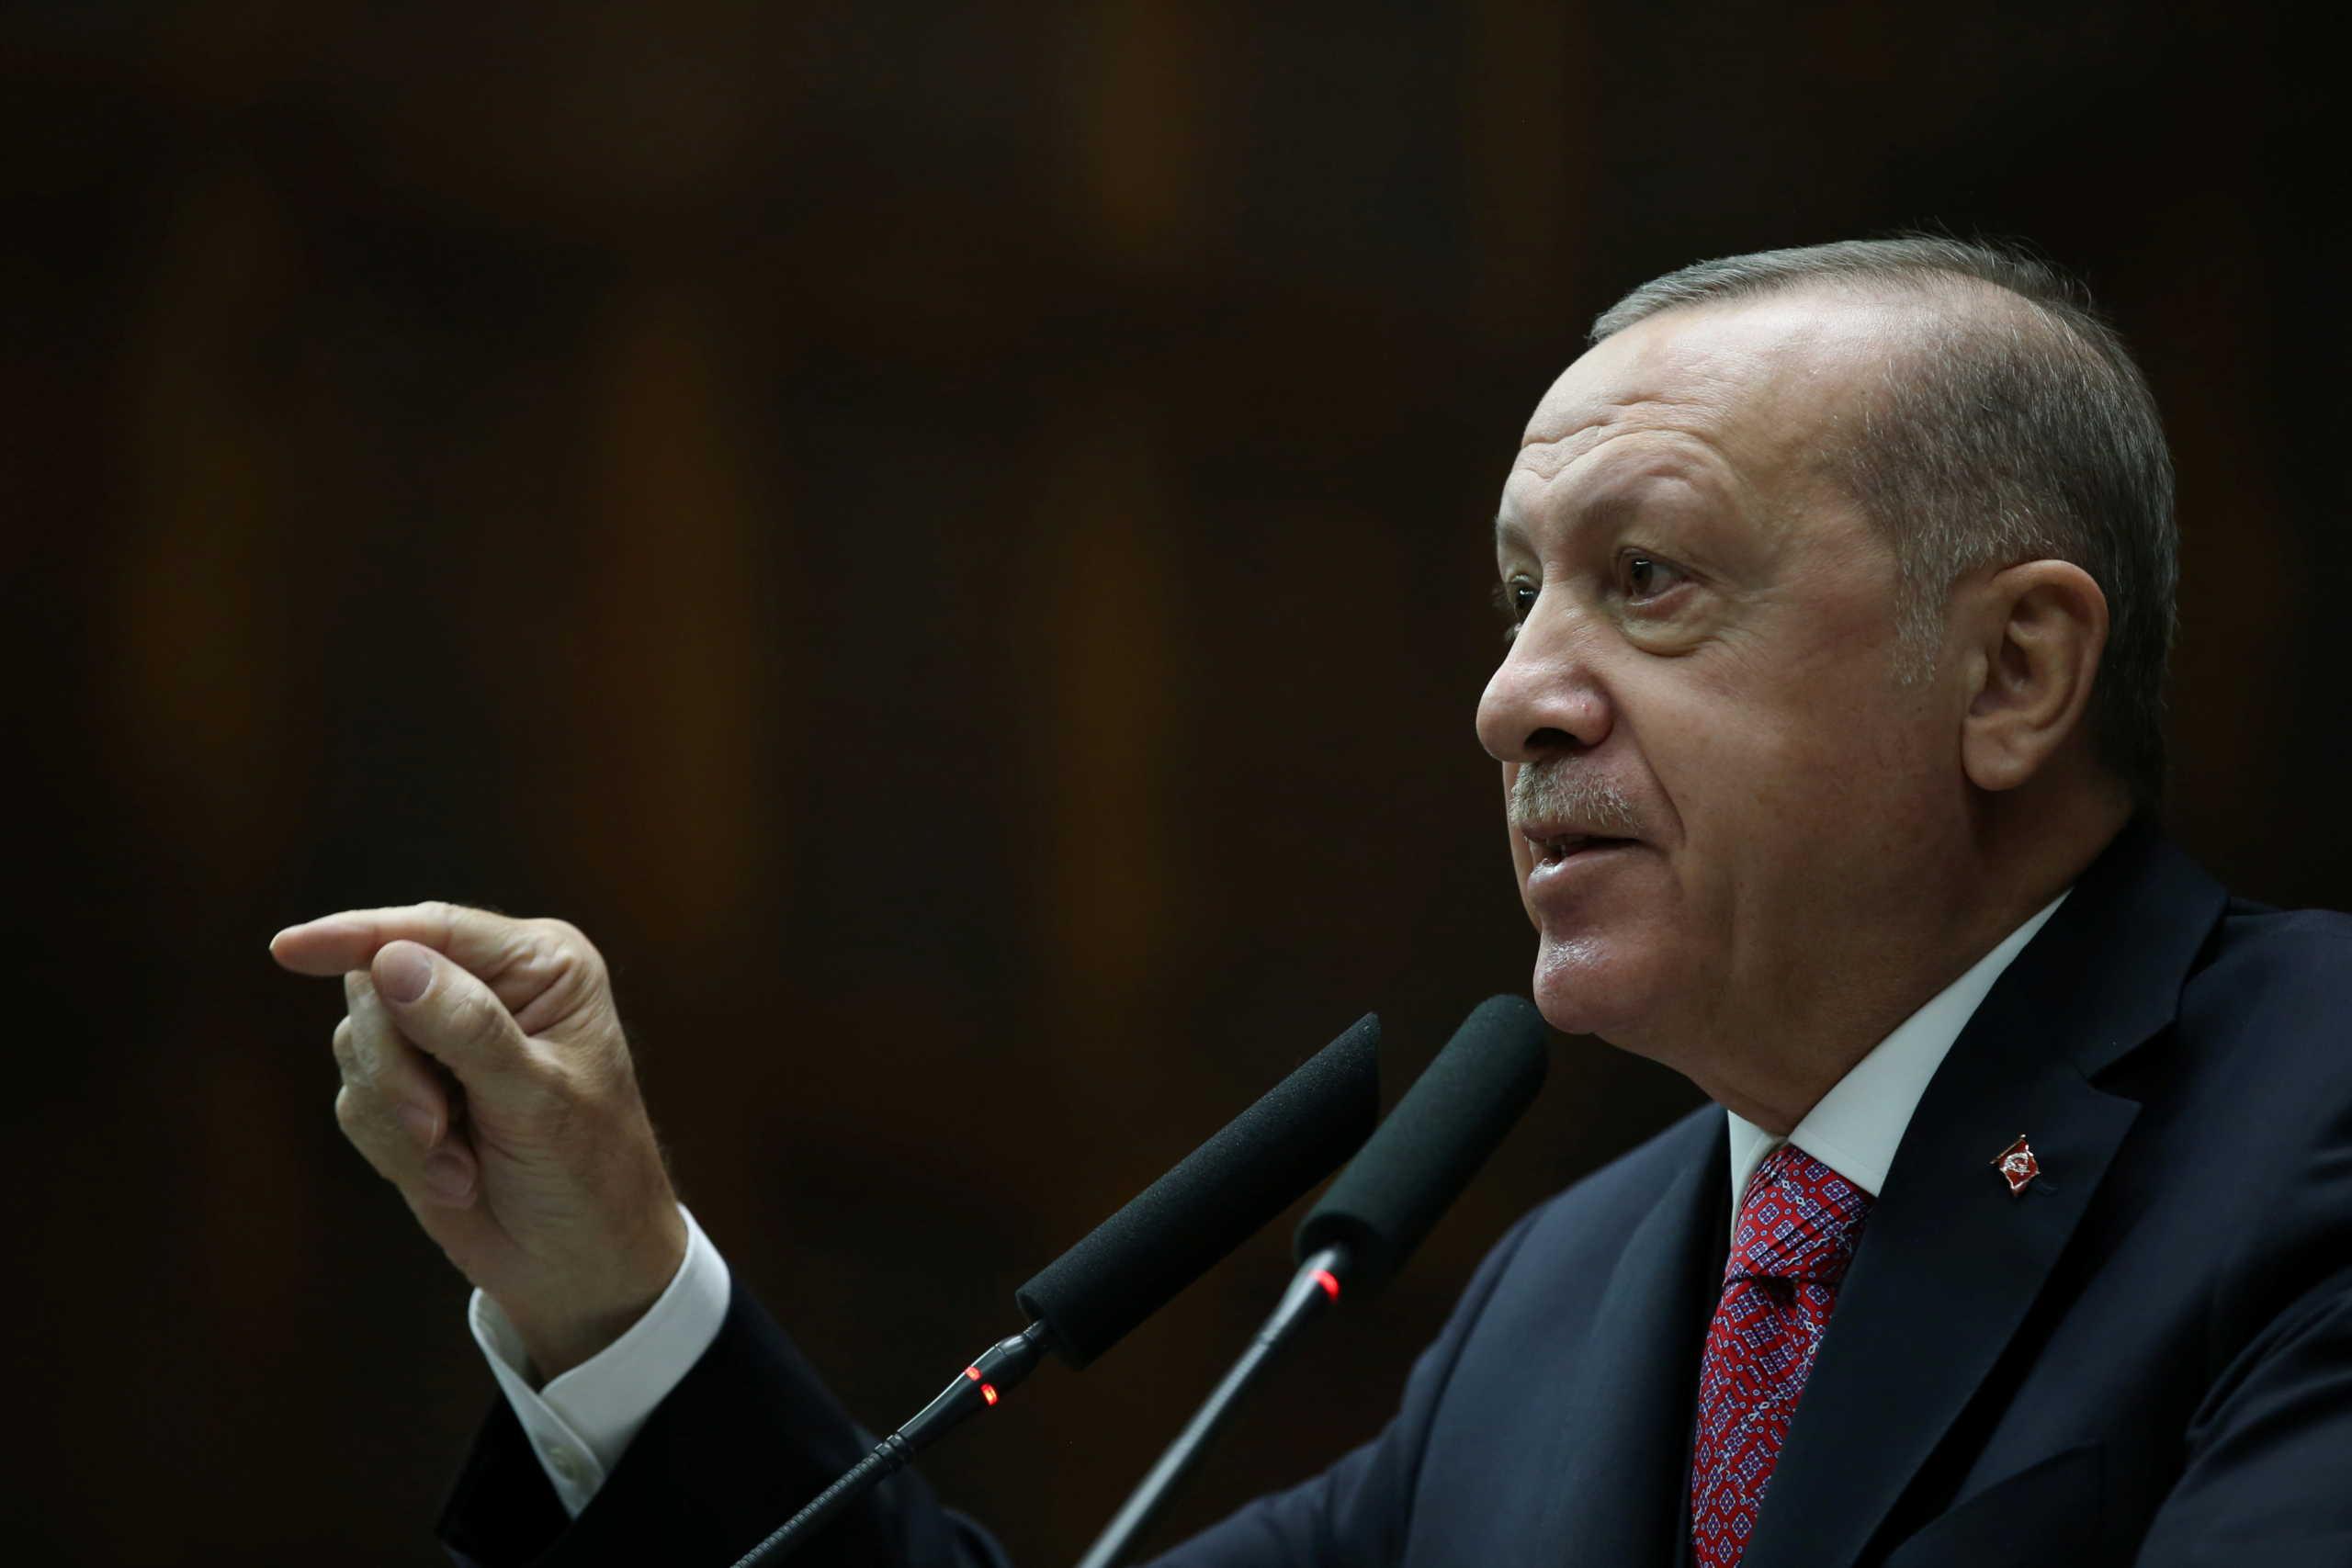 Τουρκία: Δημοσκόπηση «χαστούκι» για Ερντογάν – Αν έκανε εκλογές θα έχανε